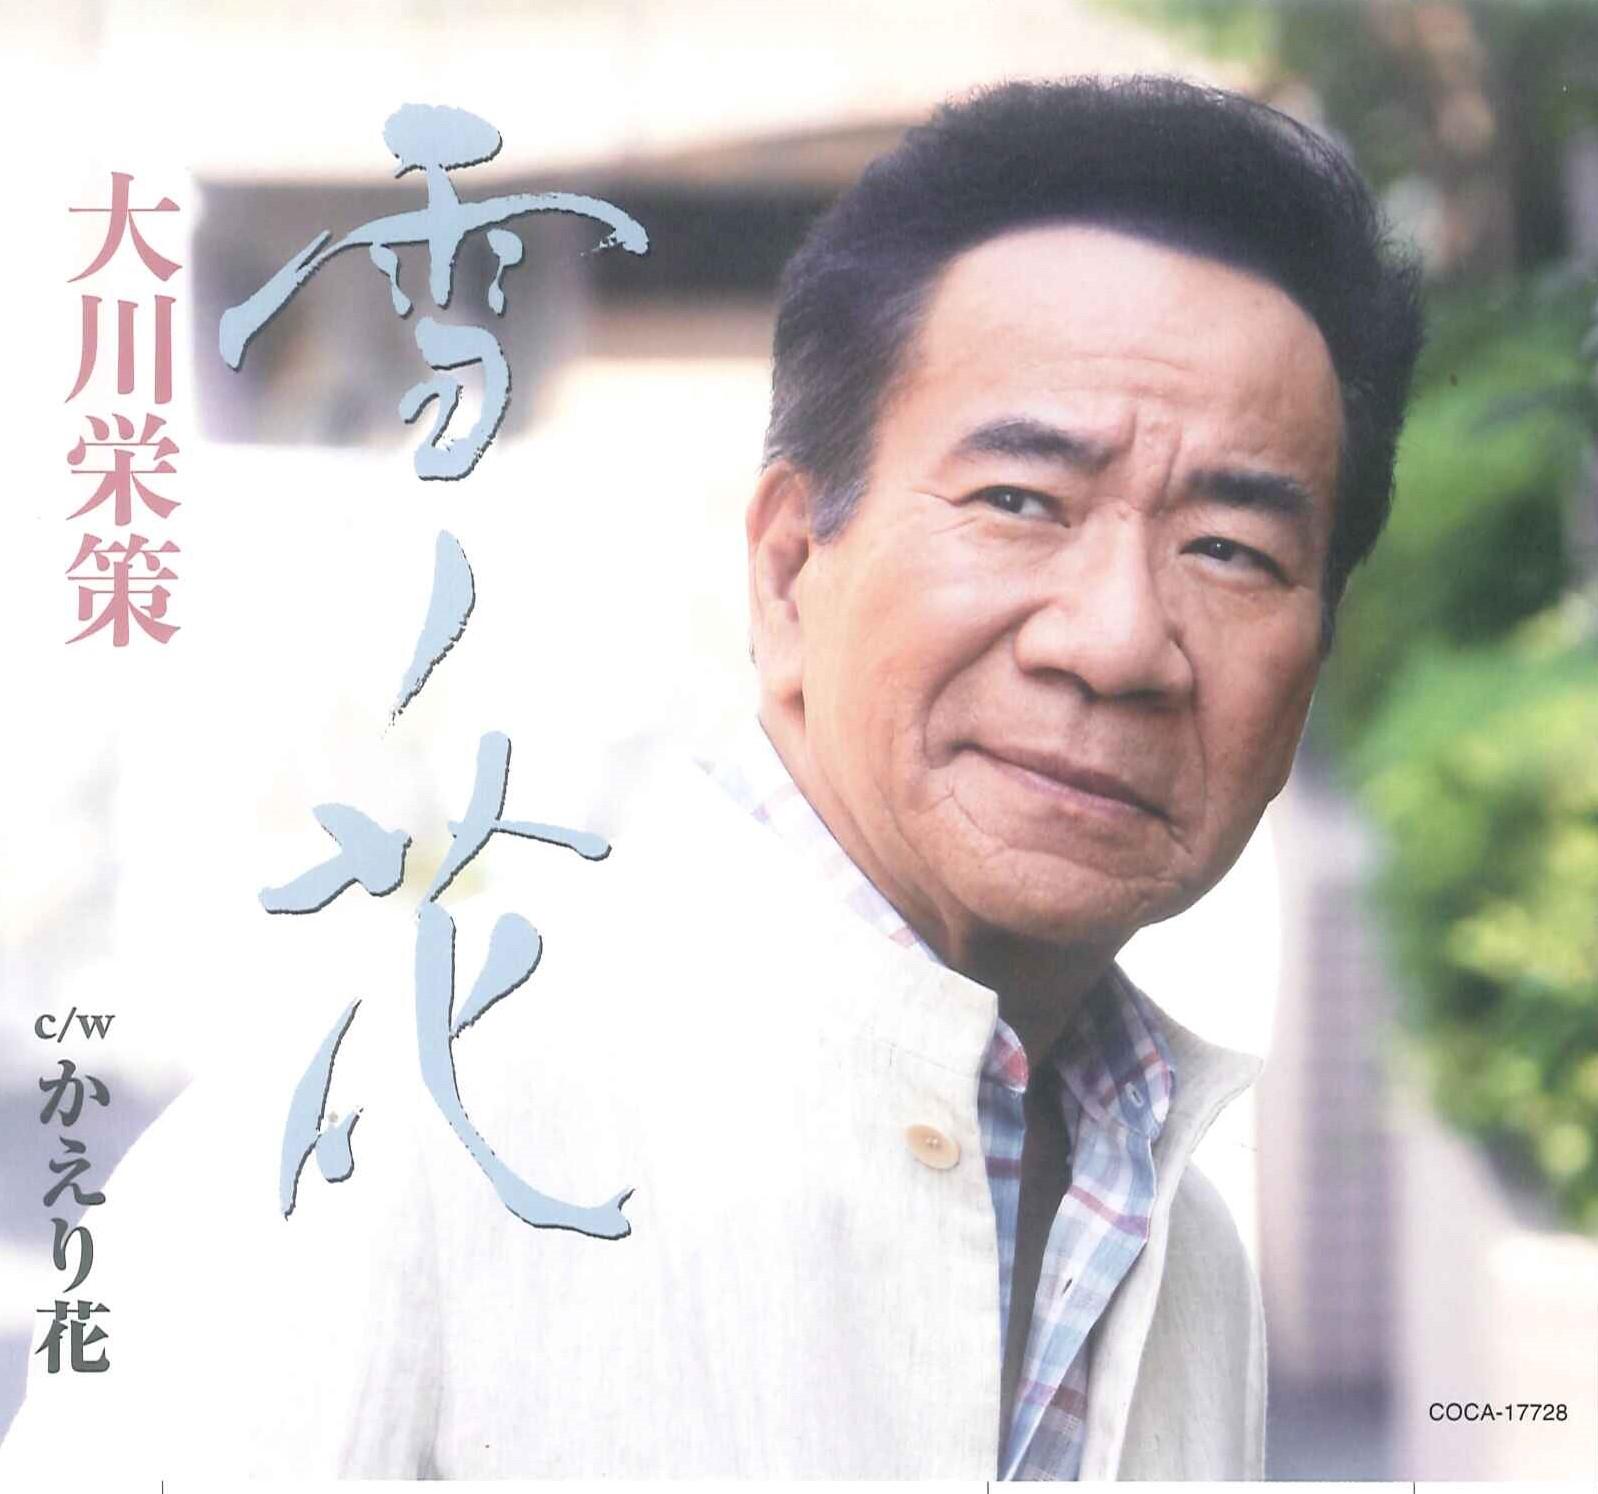 大川栄策 公式ホームページ